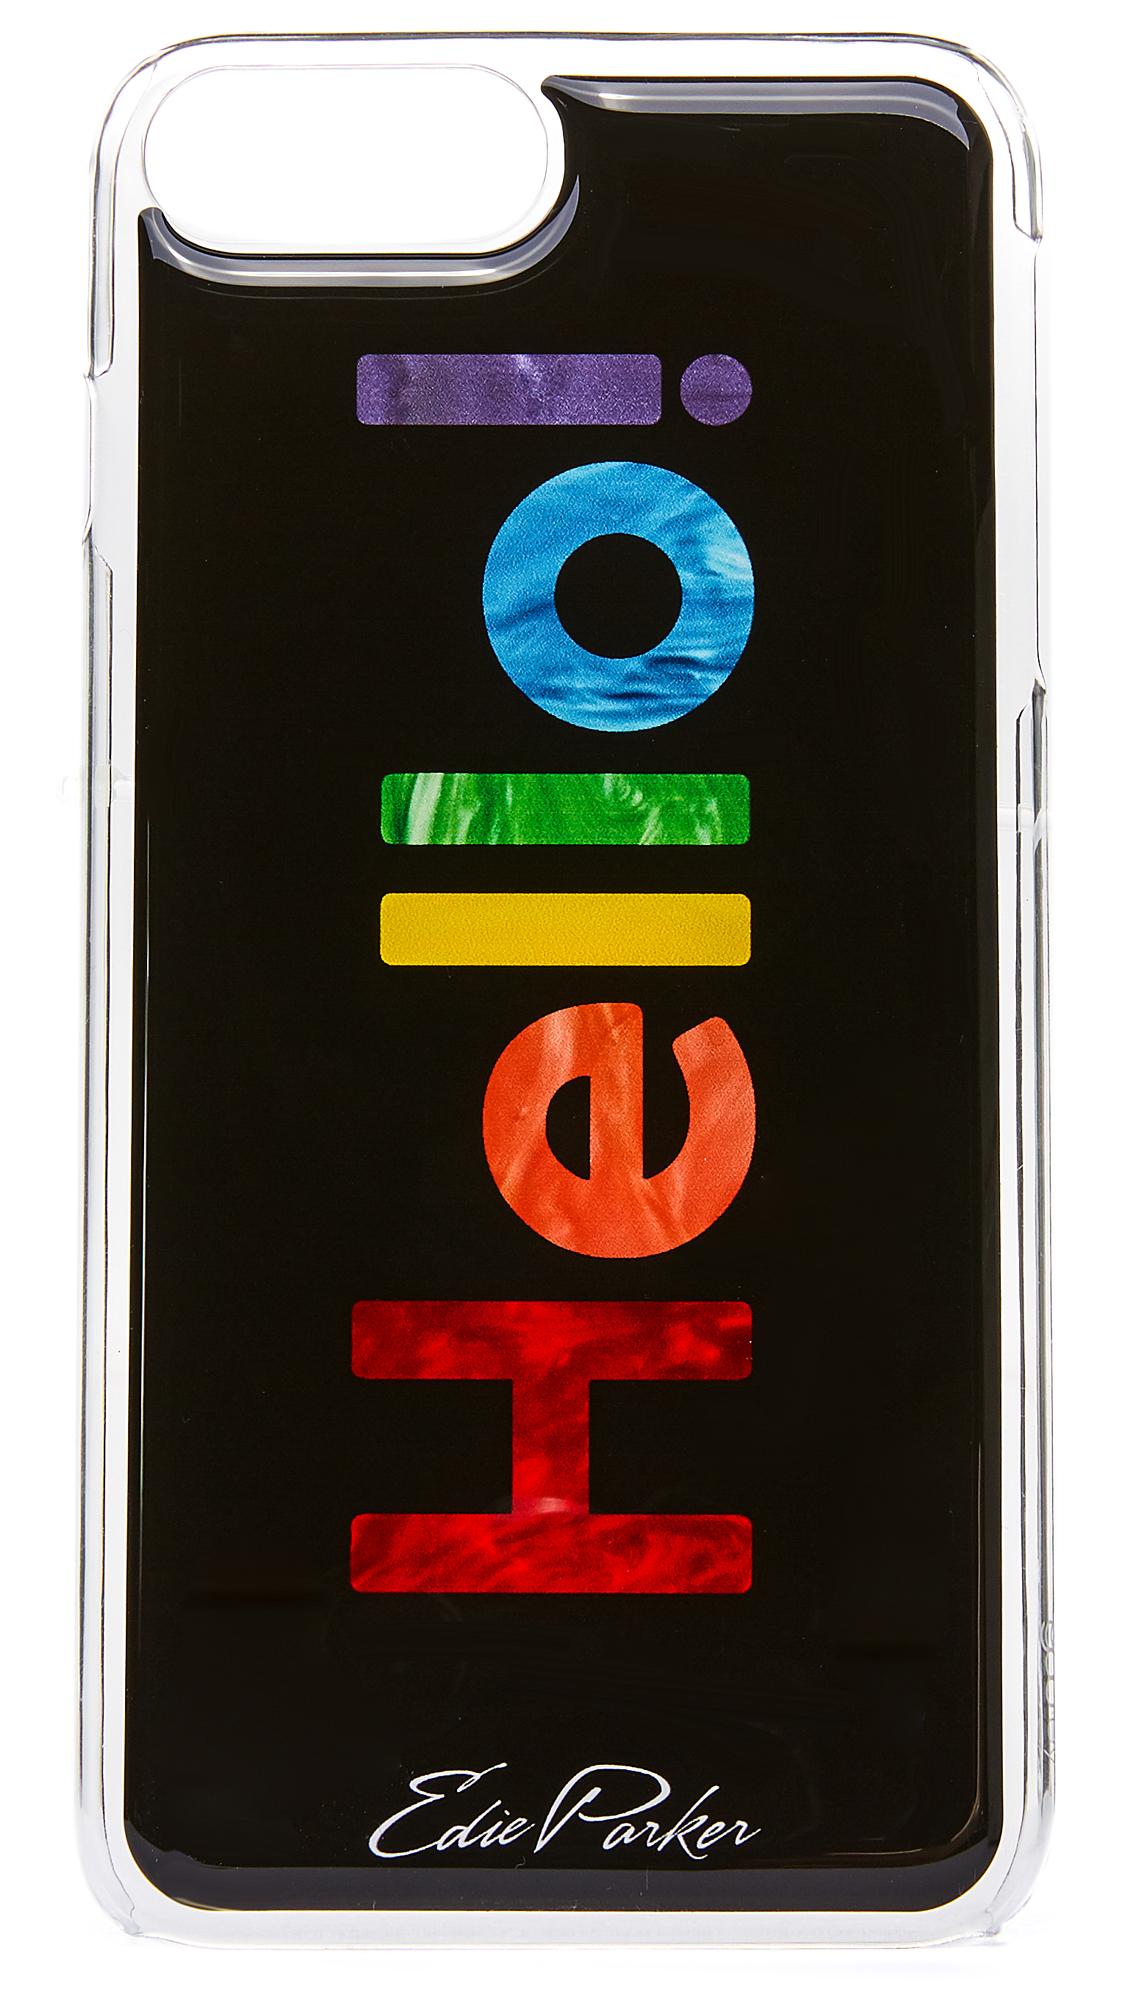 Edie Parker Hello iPhone 6 Plus / 6s Plus / 7 Plus Case - Multi